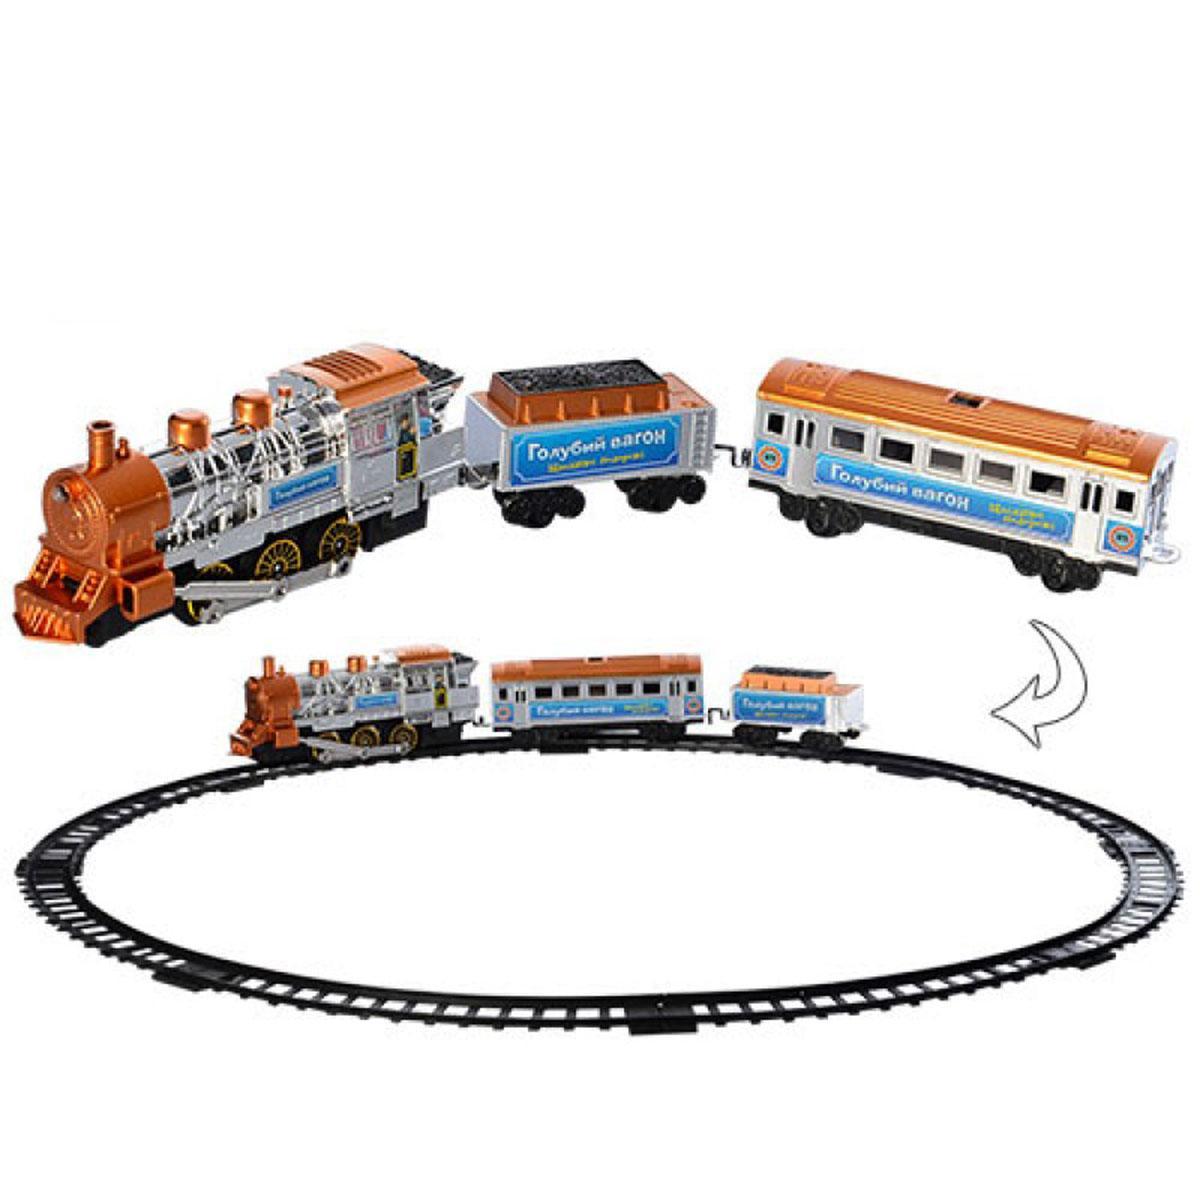 Залізниця 8040 блакитний вагон, дим, музика, світло, на батарейки, в коробці, 38-26-7 см